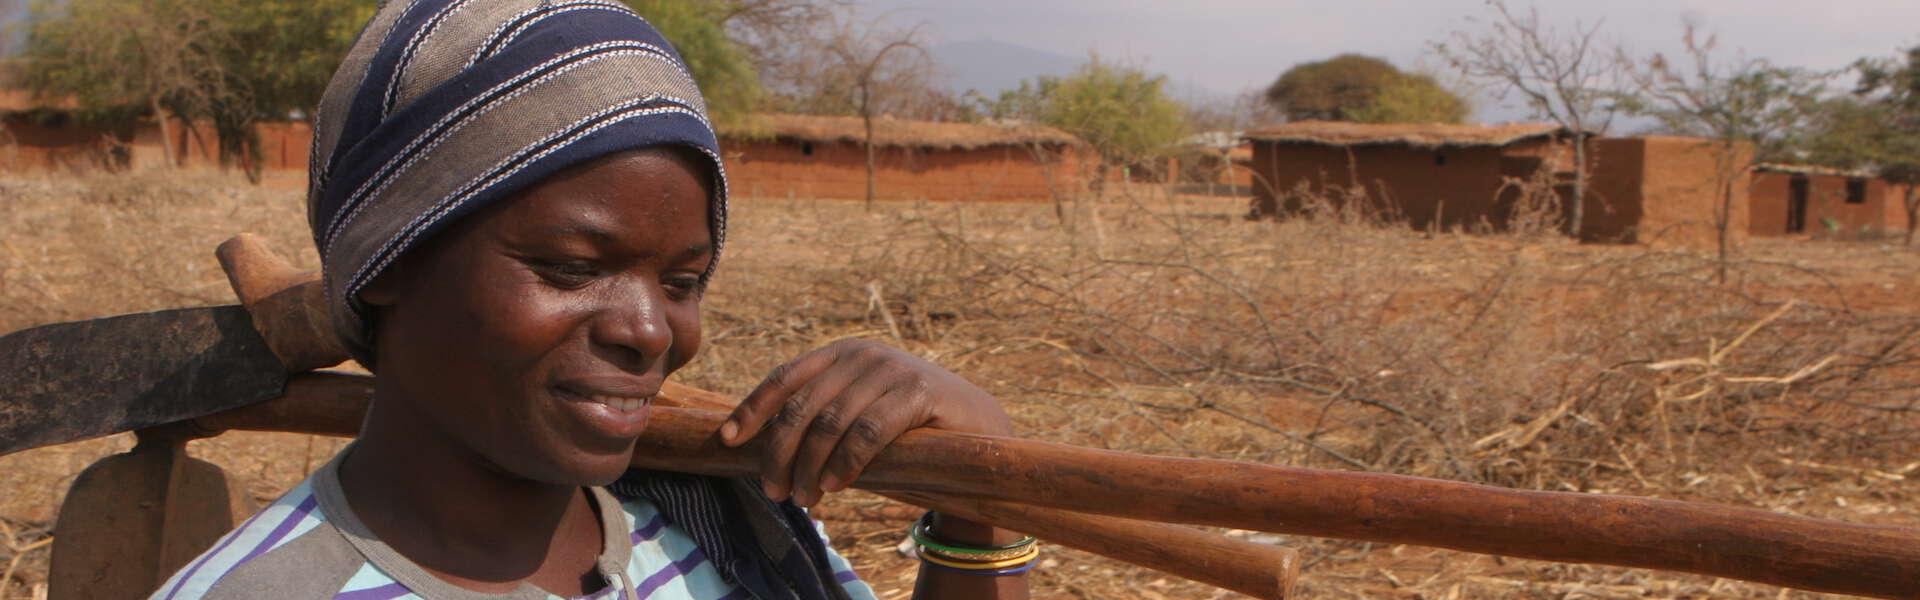 Photo credit: Gender & Development. https://www.flickr.com/photos/genderanddevelopment/6895648428/in/photolist-bvm139-pJ2PVj-ocpztg-oetNPM-ySipoK-m2HYsM-pHZzHB-KvHck-pHZq8V-pJ464H-pJ5Mom-bqkhAd-KvBWC-bohbNs-KvHfT-KvBXd-KvHzD-5AZt4R-5AZu9R-ohE2n-9V8dDB-d9dmBQ-nyePE9-87yKFe-KvBzj-5AZuxM-KvHf2-KvHee-KvBZw-KvHrt-oVd94n-KvACE-KvBVj-5AemLe-KvBP9-KvB5j-KvB2U-KvBSm-KvGmp-KvGkg-KvHhB-KvBTq-KvAUE-KvGh4-KvASW-KvBUE-KvBM1-KvHpZ-pHZn7z-pJ2wtL